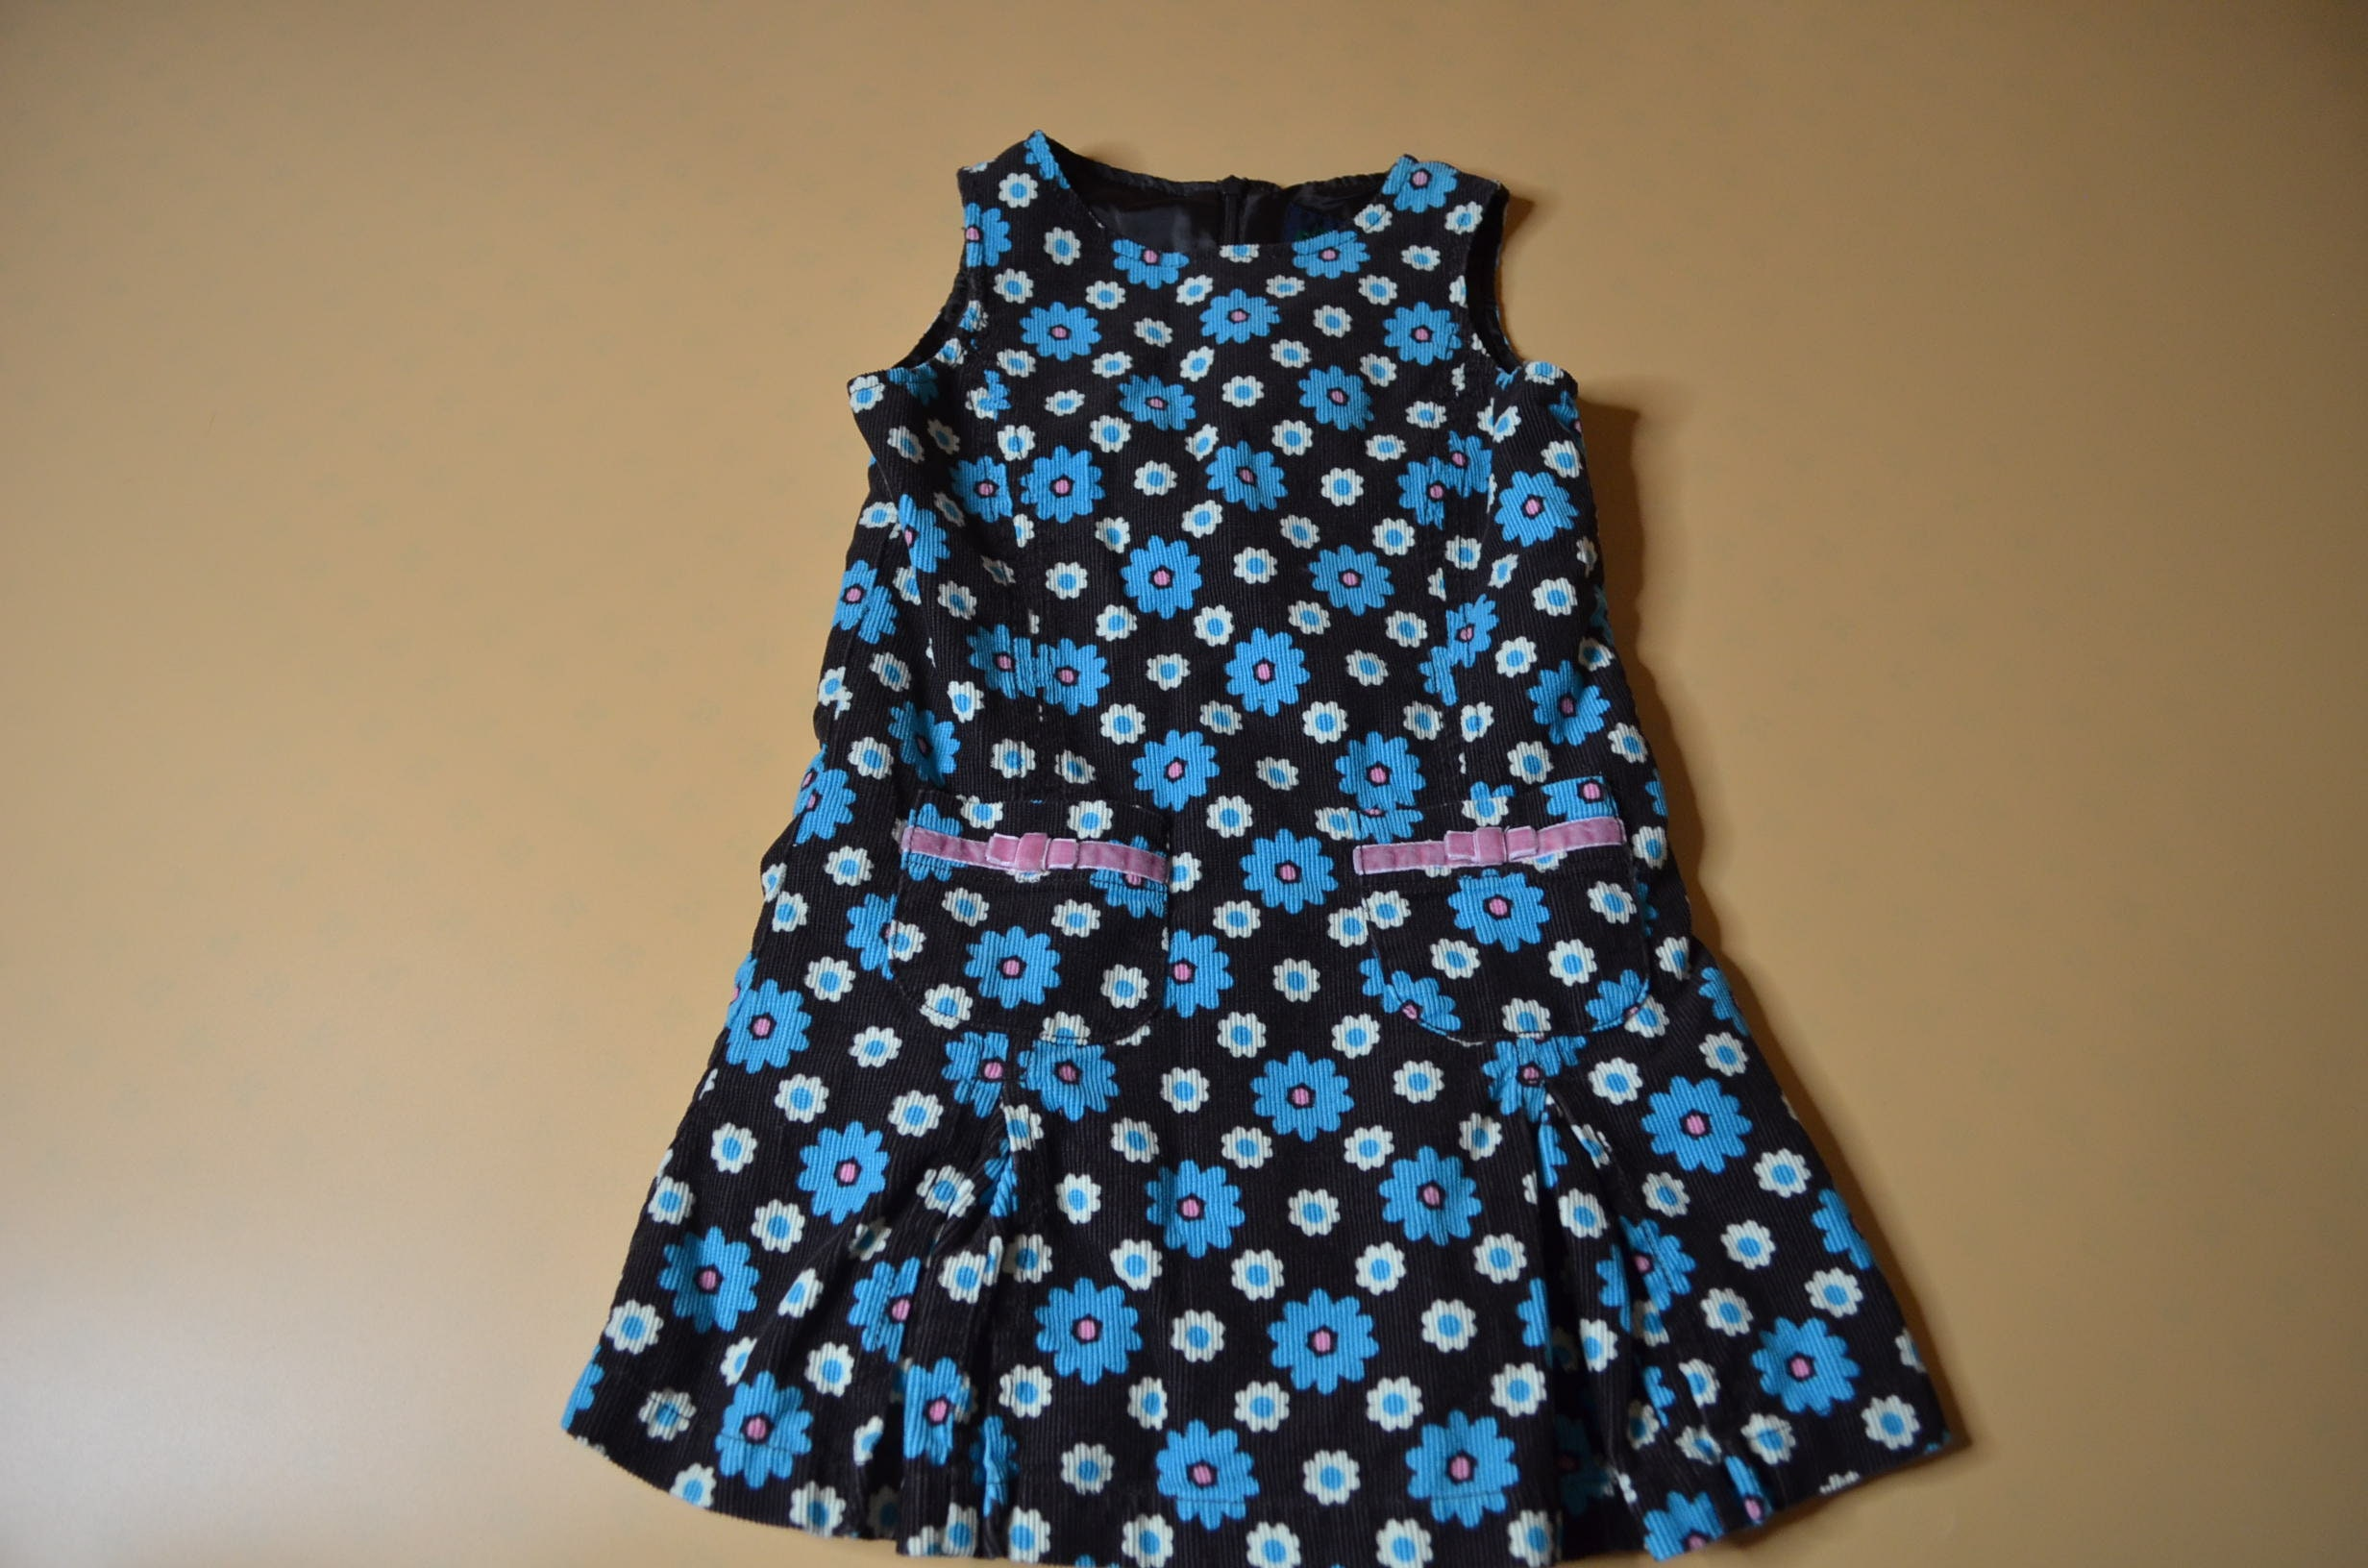 c3873652ceb1 Mini Boden Flower Girl Dresses - raveitsafe